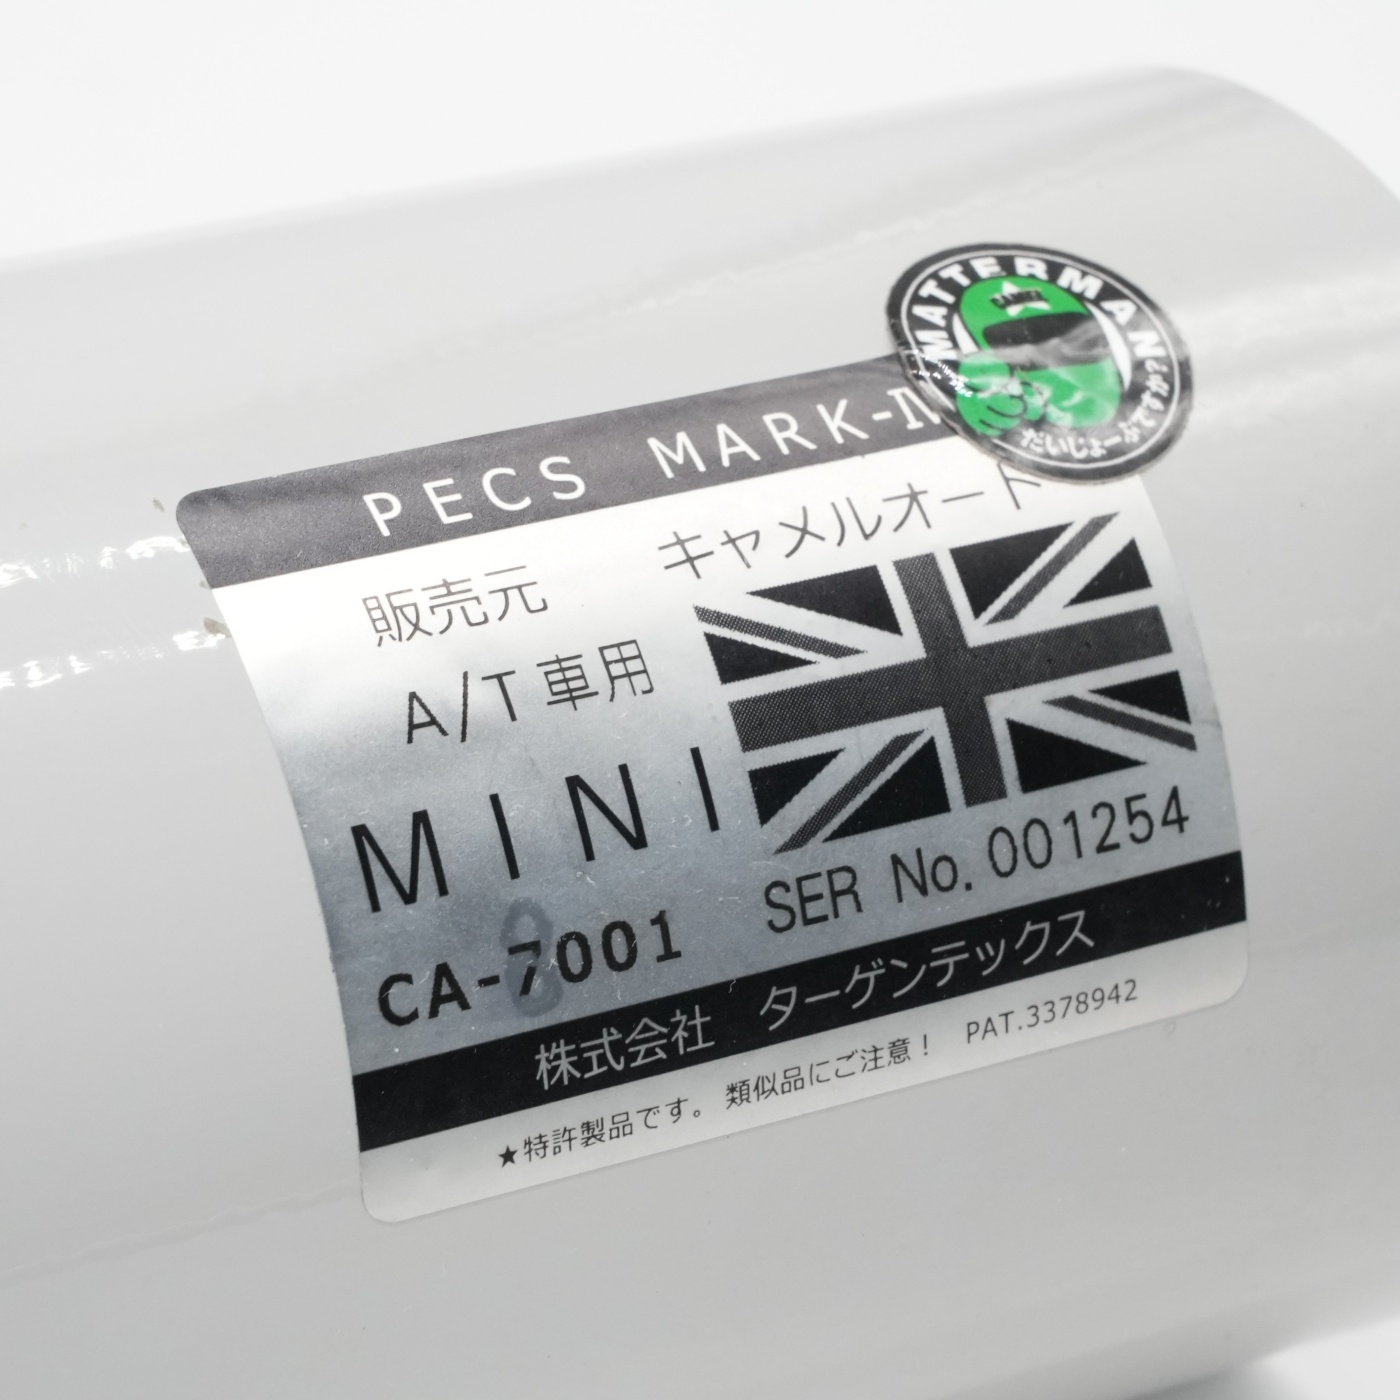 ローバーミニ 磁力型オイルフィルター「PECS」AT用本体